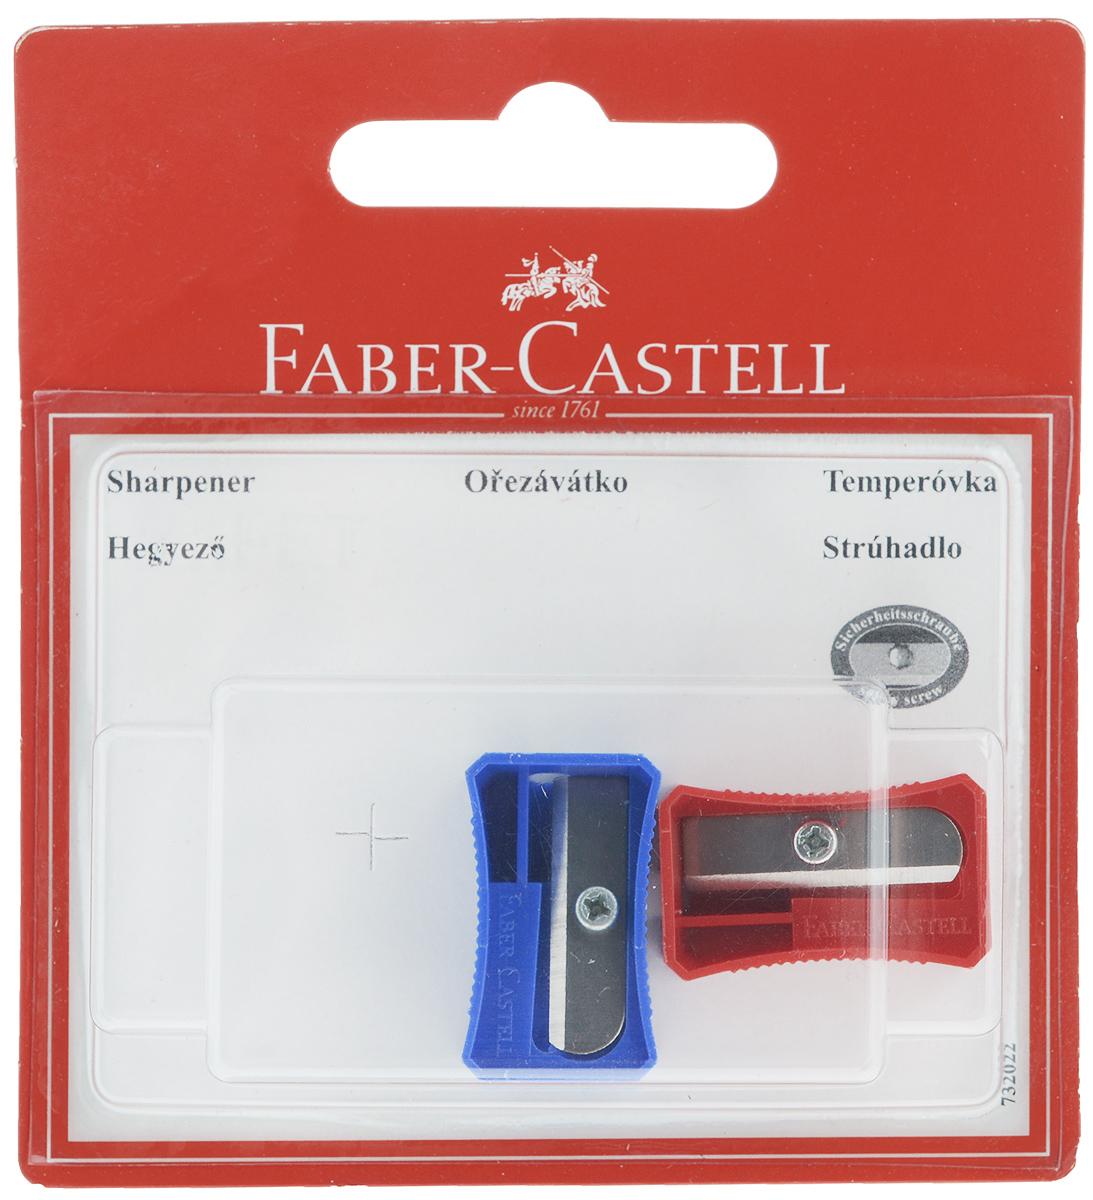 Faber-Castell Точилка цвет синий красный 2 шт цена и фото